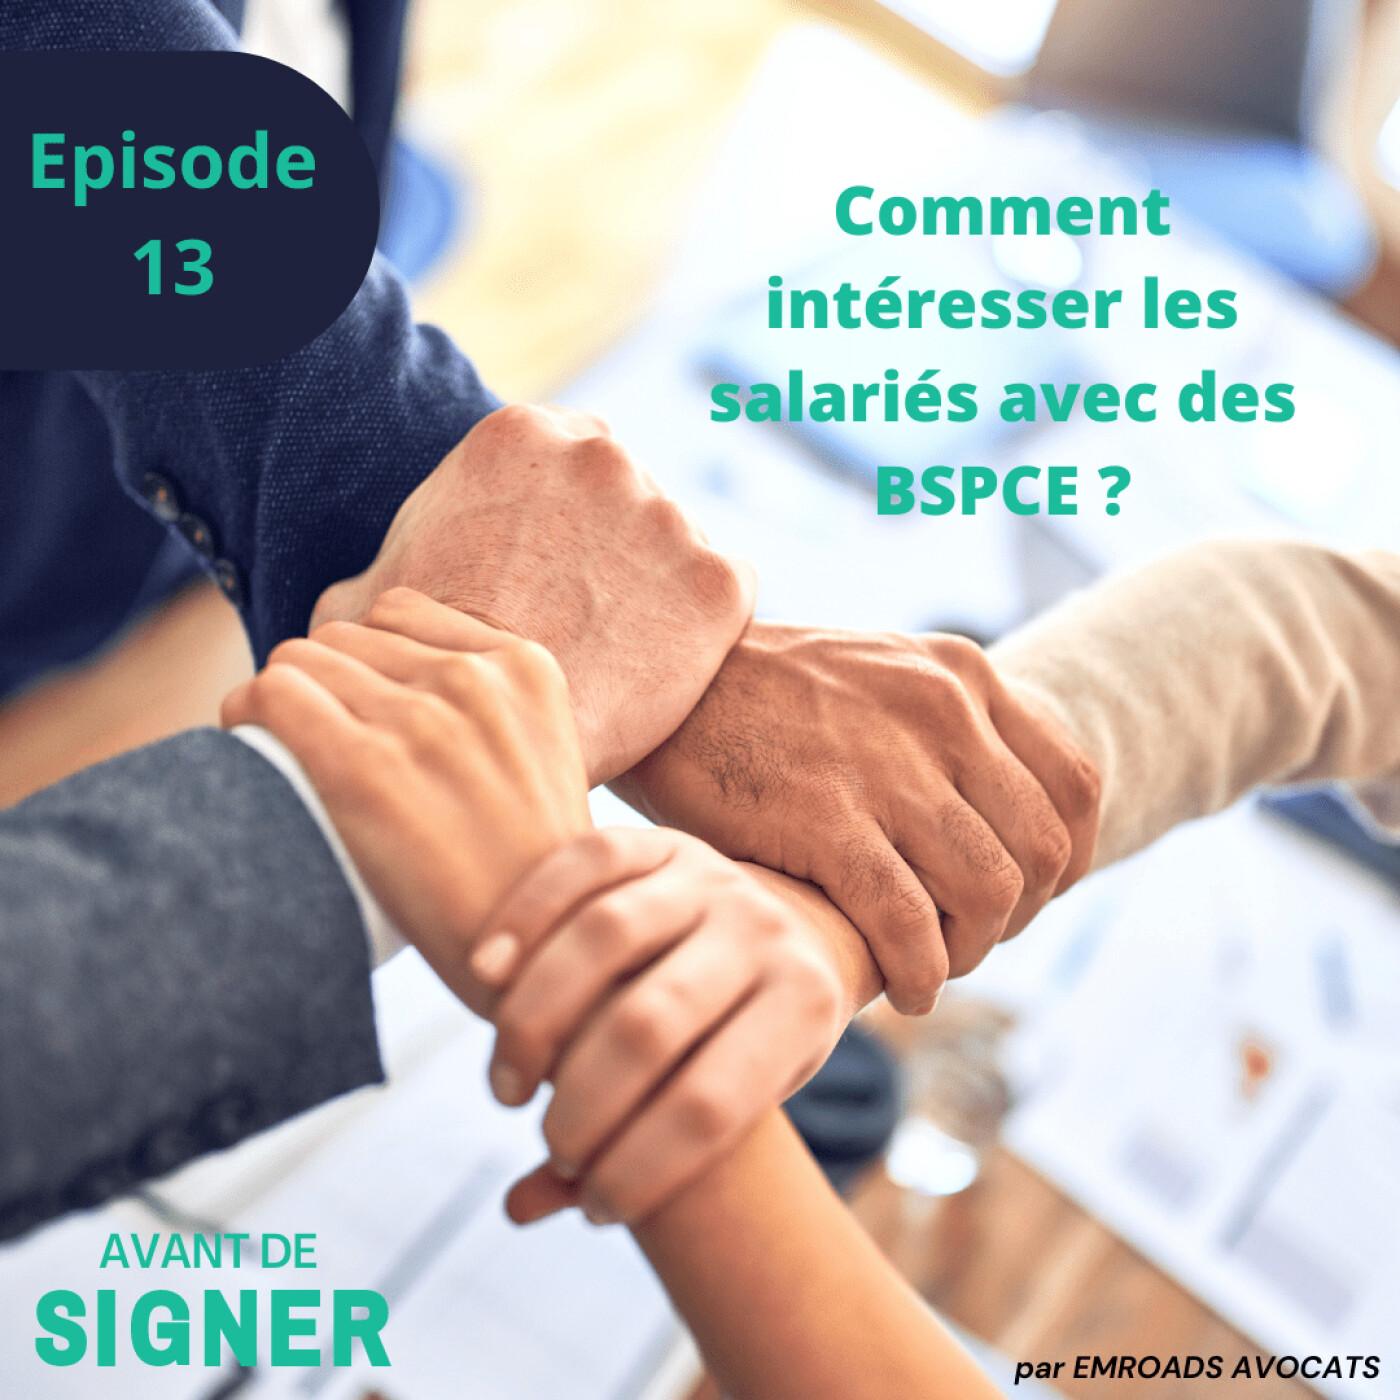 Comment intéresser les salariés avec des BSPCE ?